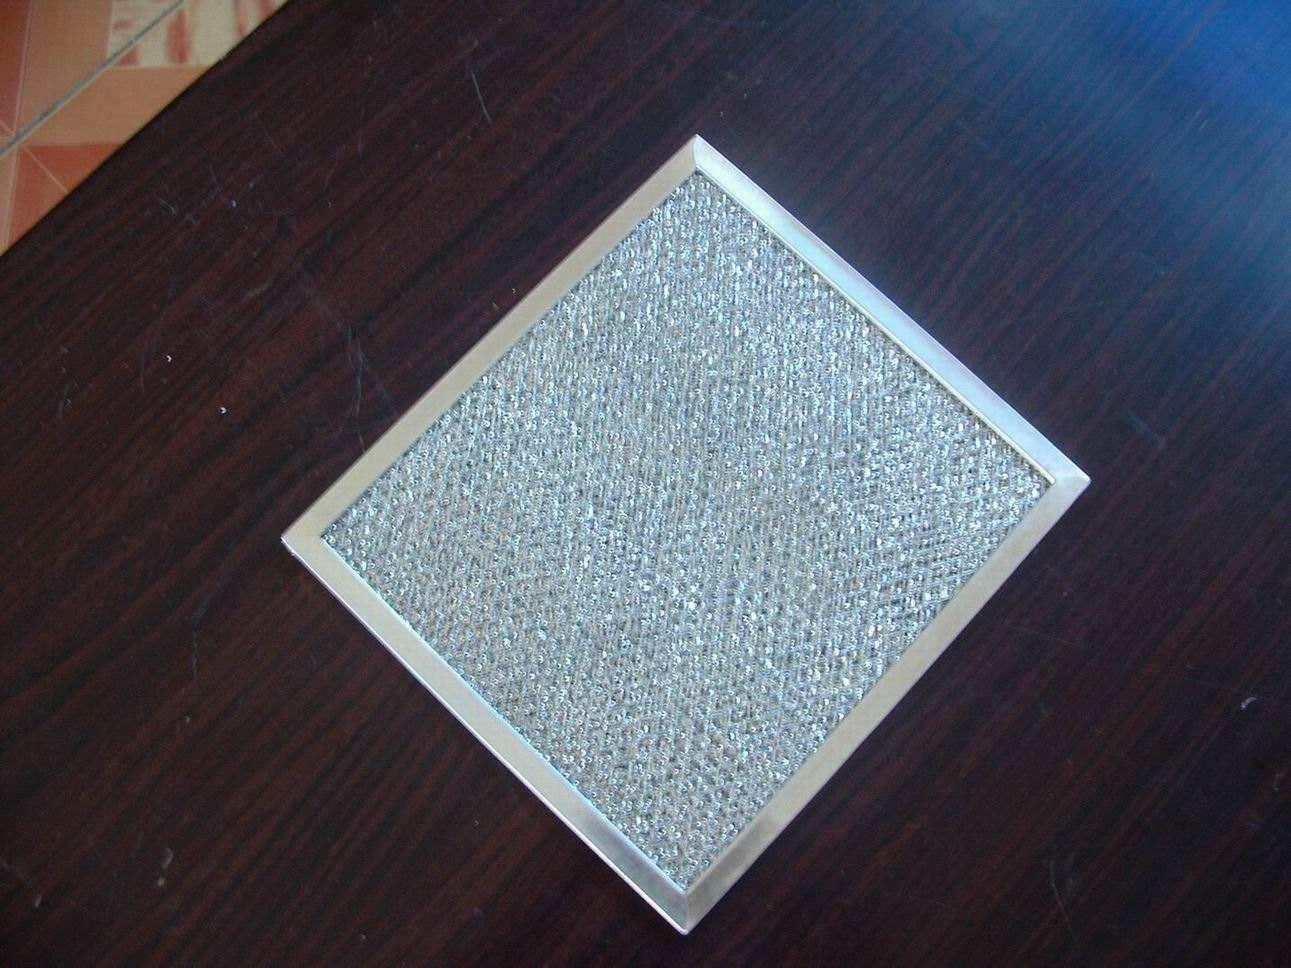 艾默生空调过滤网—艾默生空调过滤网的维护保养方法